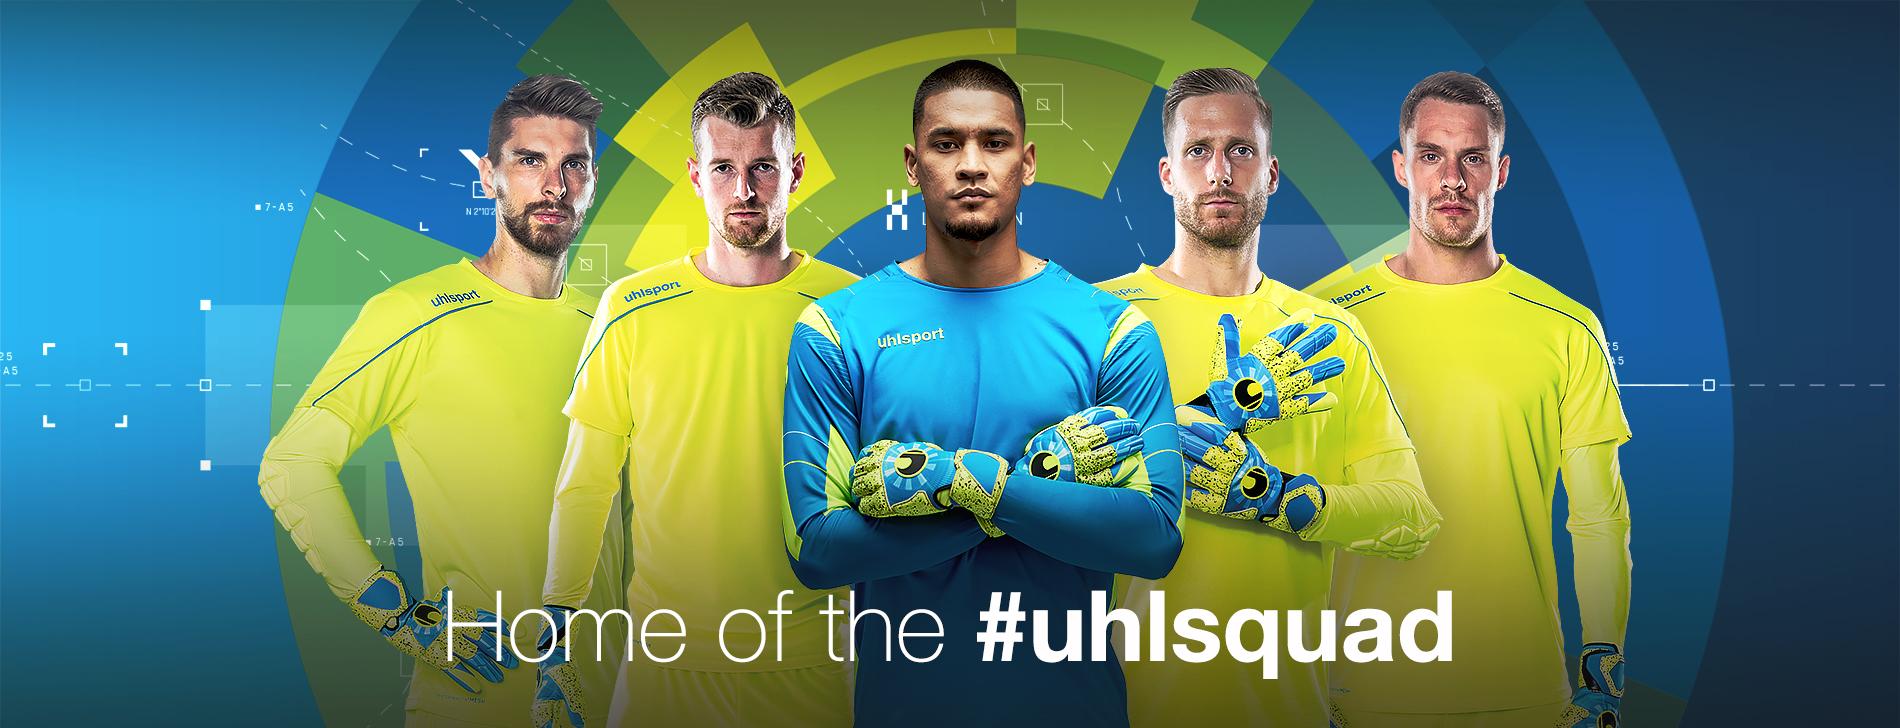 la Team Uhlsport